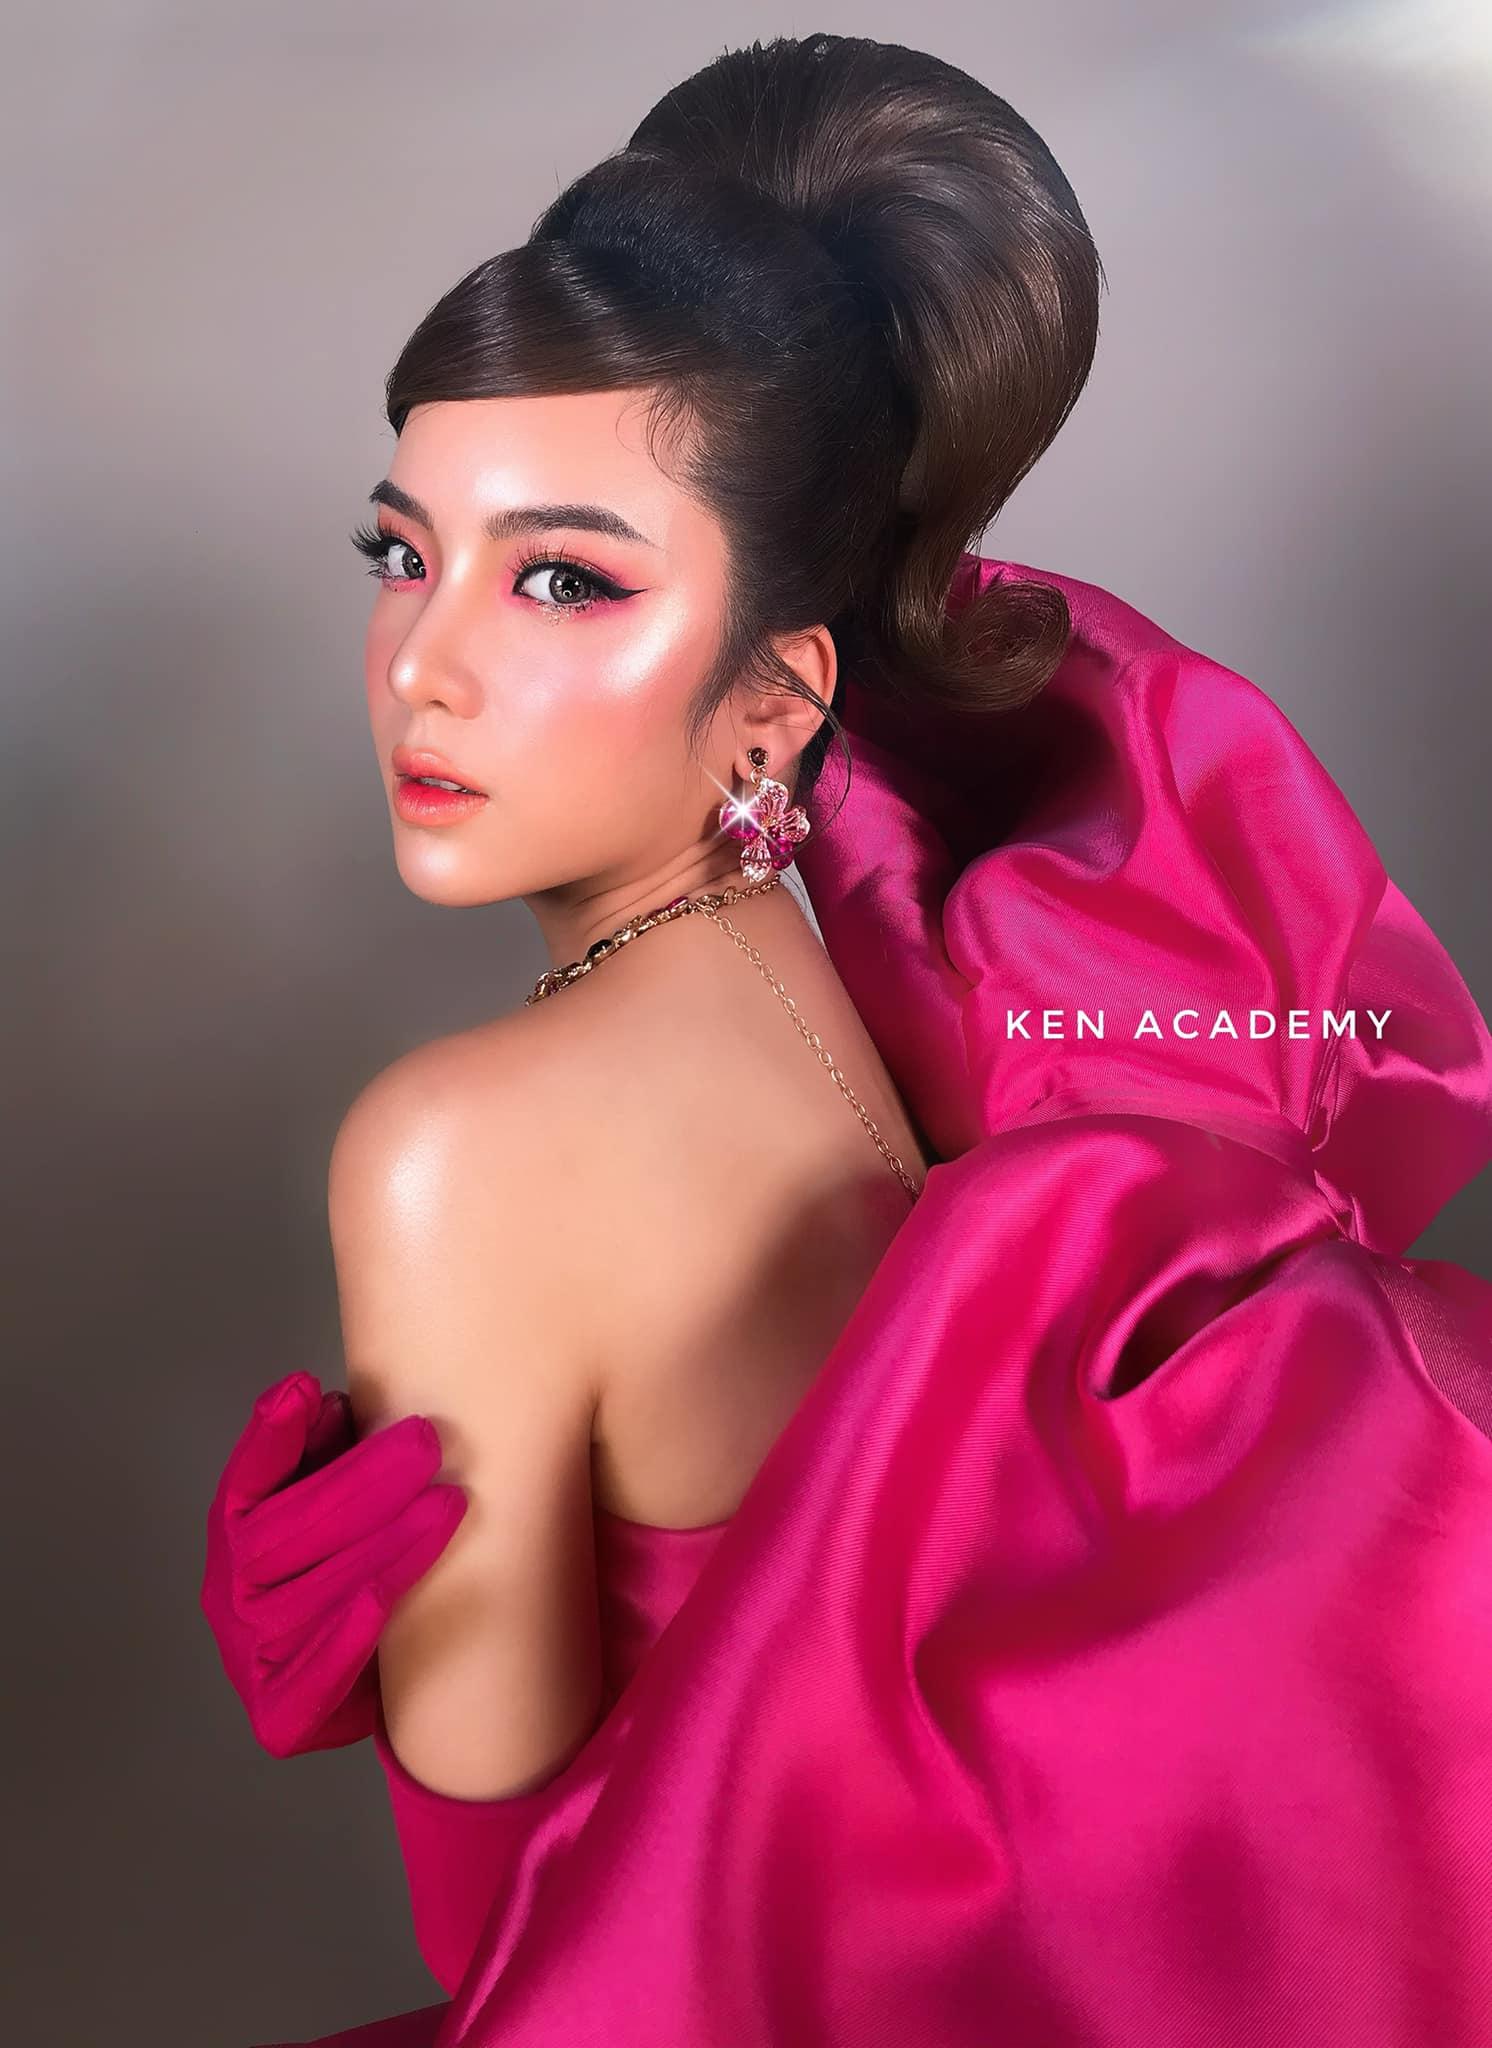 Top 7 tiệm trang điểm cô dâu đẹp nhất tại TP. Hồ Chí Minh -  Ken Make Up Academy Bridal